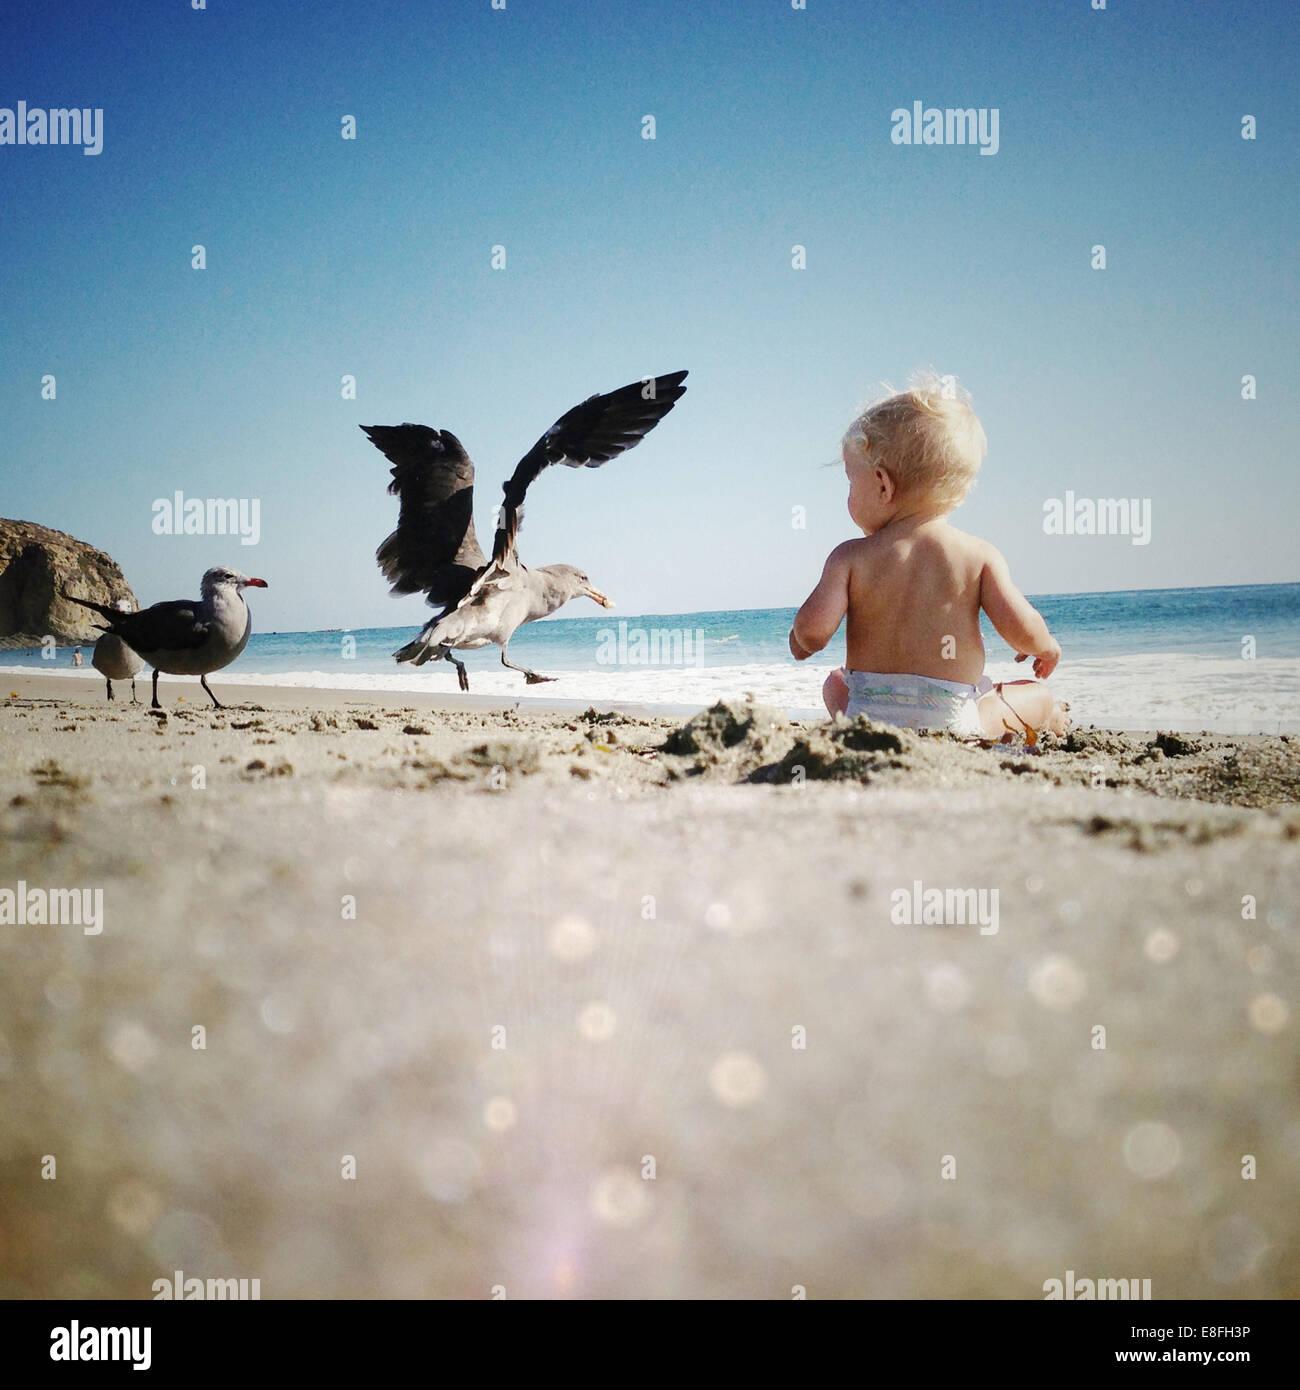 Bébé garçon assis sur la plage avec des mouettes, Dana Point, en Californie, l'Amérique, Photo Stock